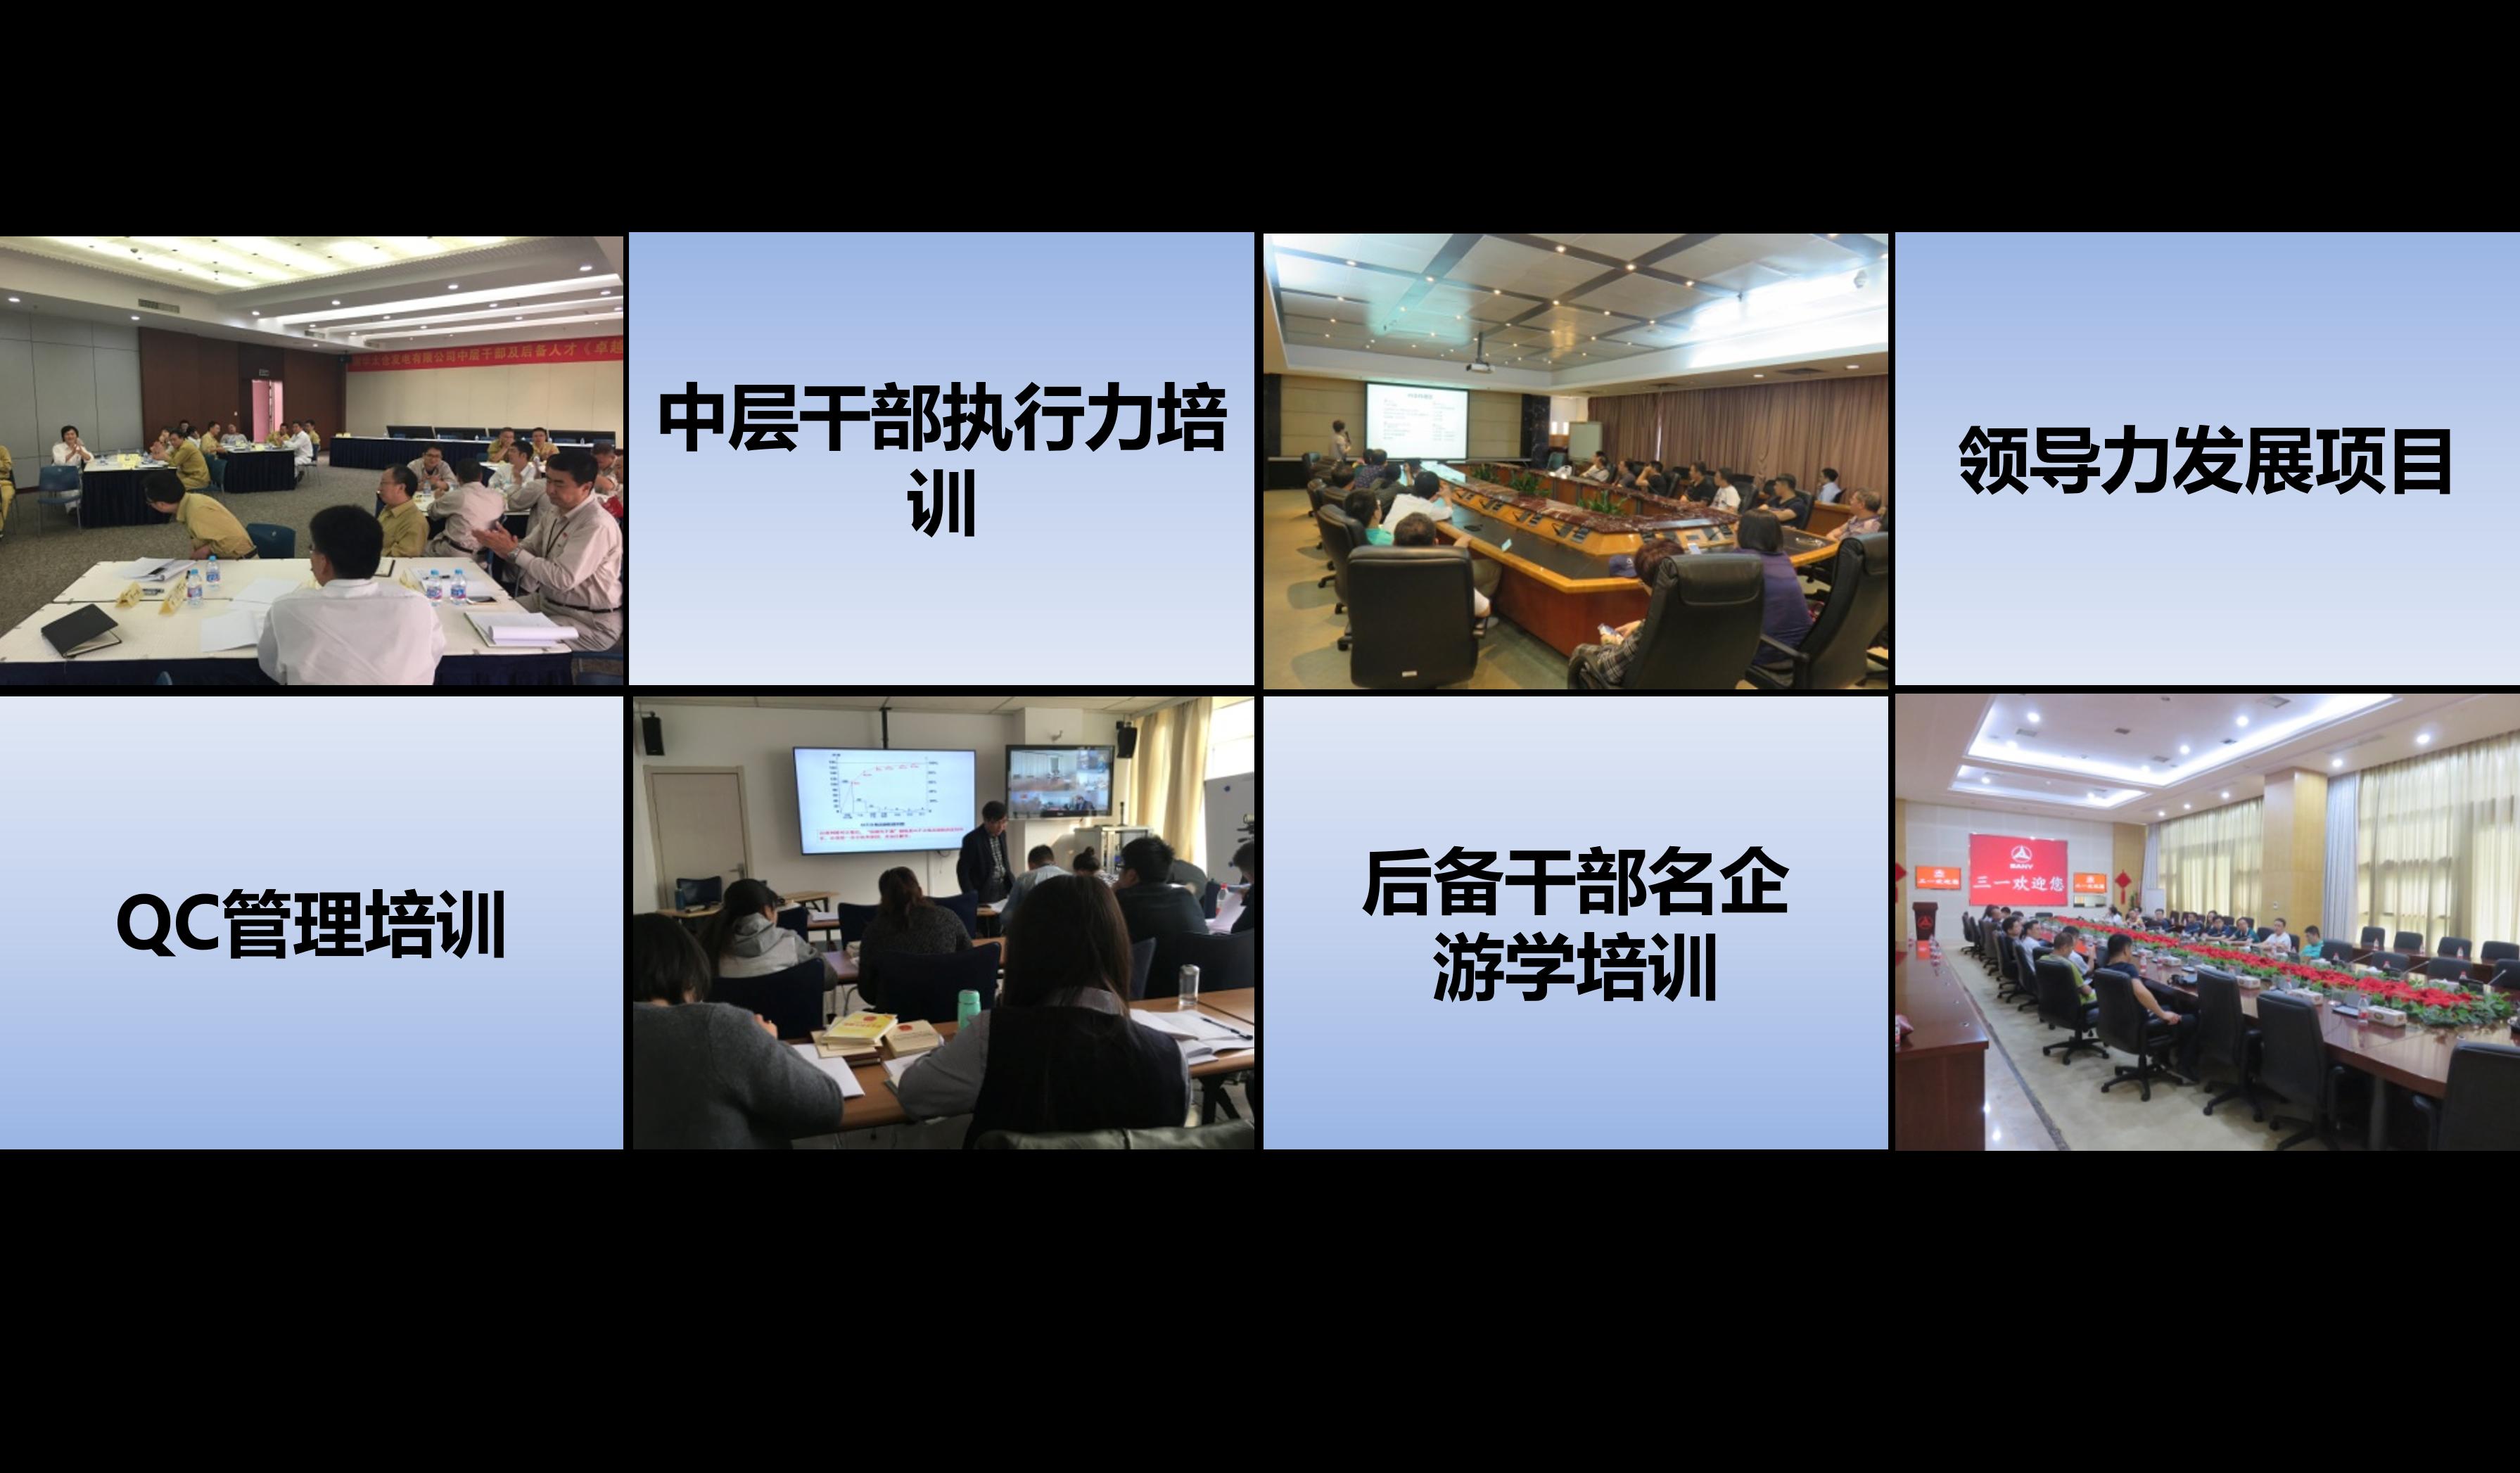 恩和企业管理(江苏)有限公司